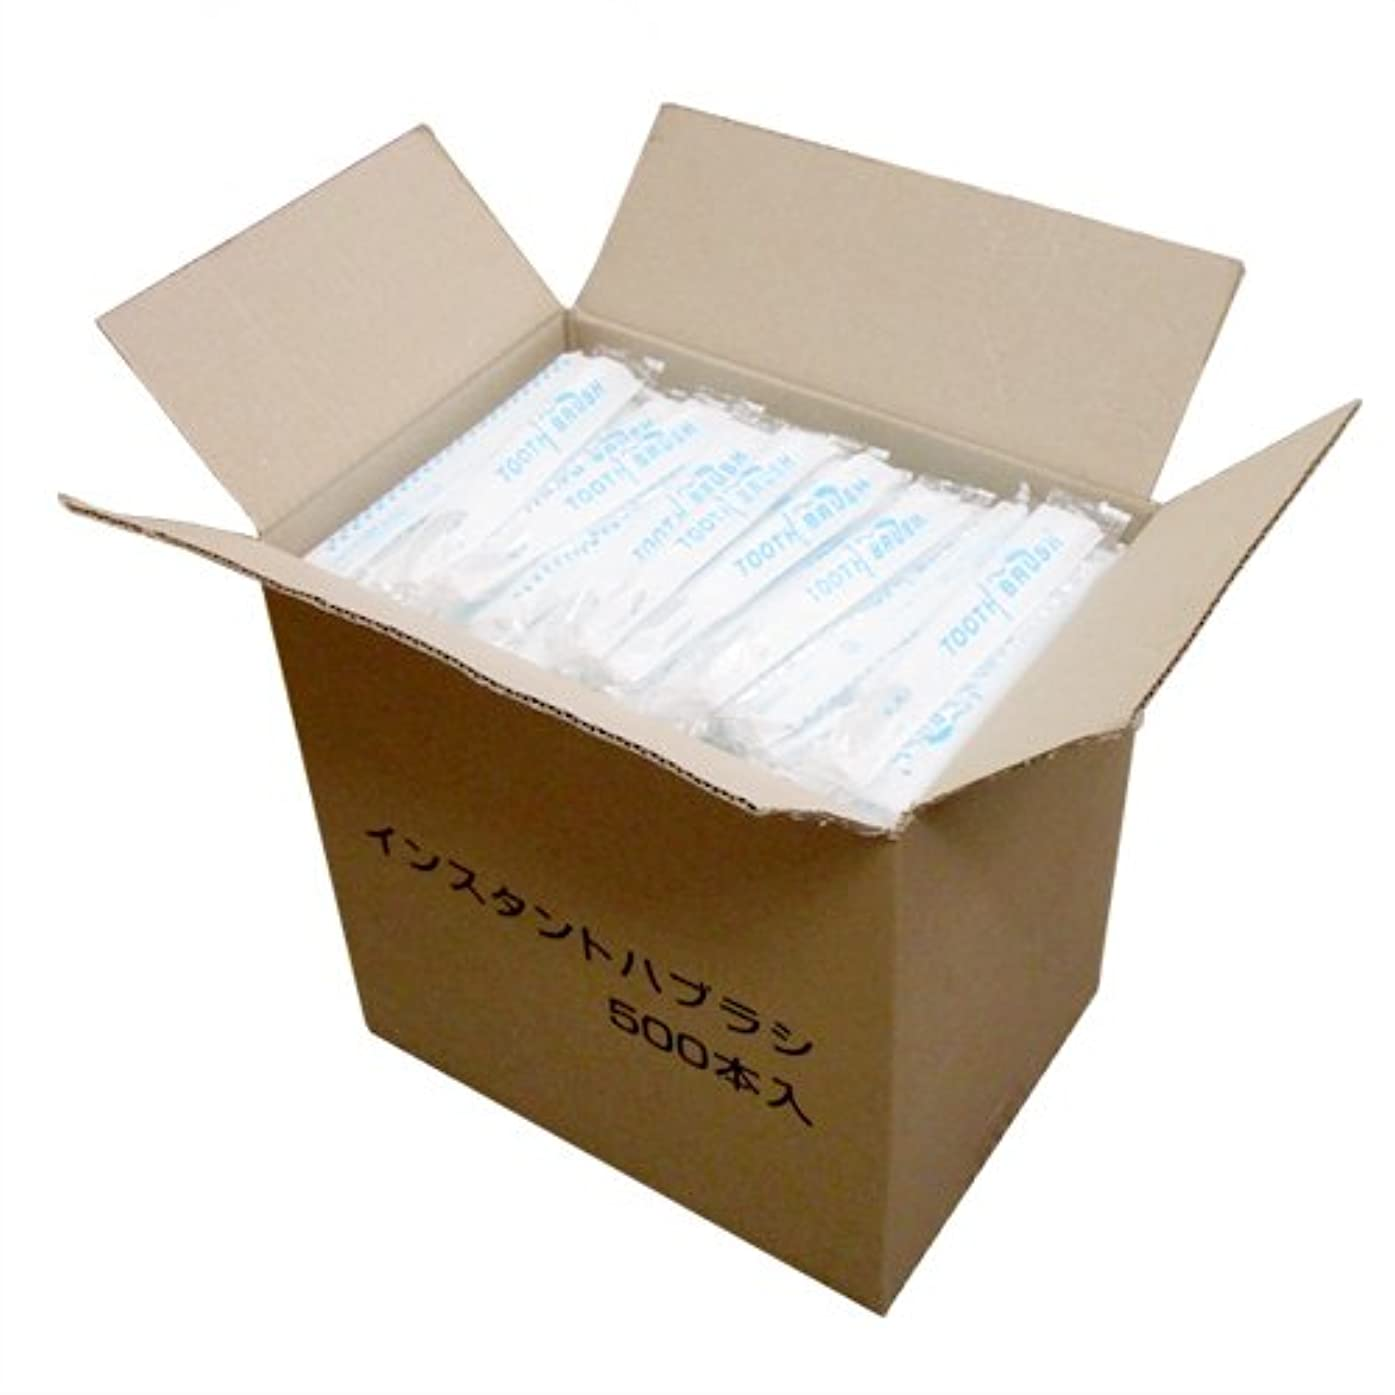 雑品スクラッチバン業務用 日本製 使い捨て粉付き歯ブラシ 個包装タイプ 500本入×8箱 (4000本入)│ホテルアメニティ